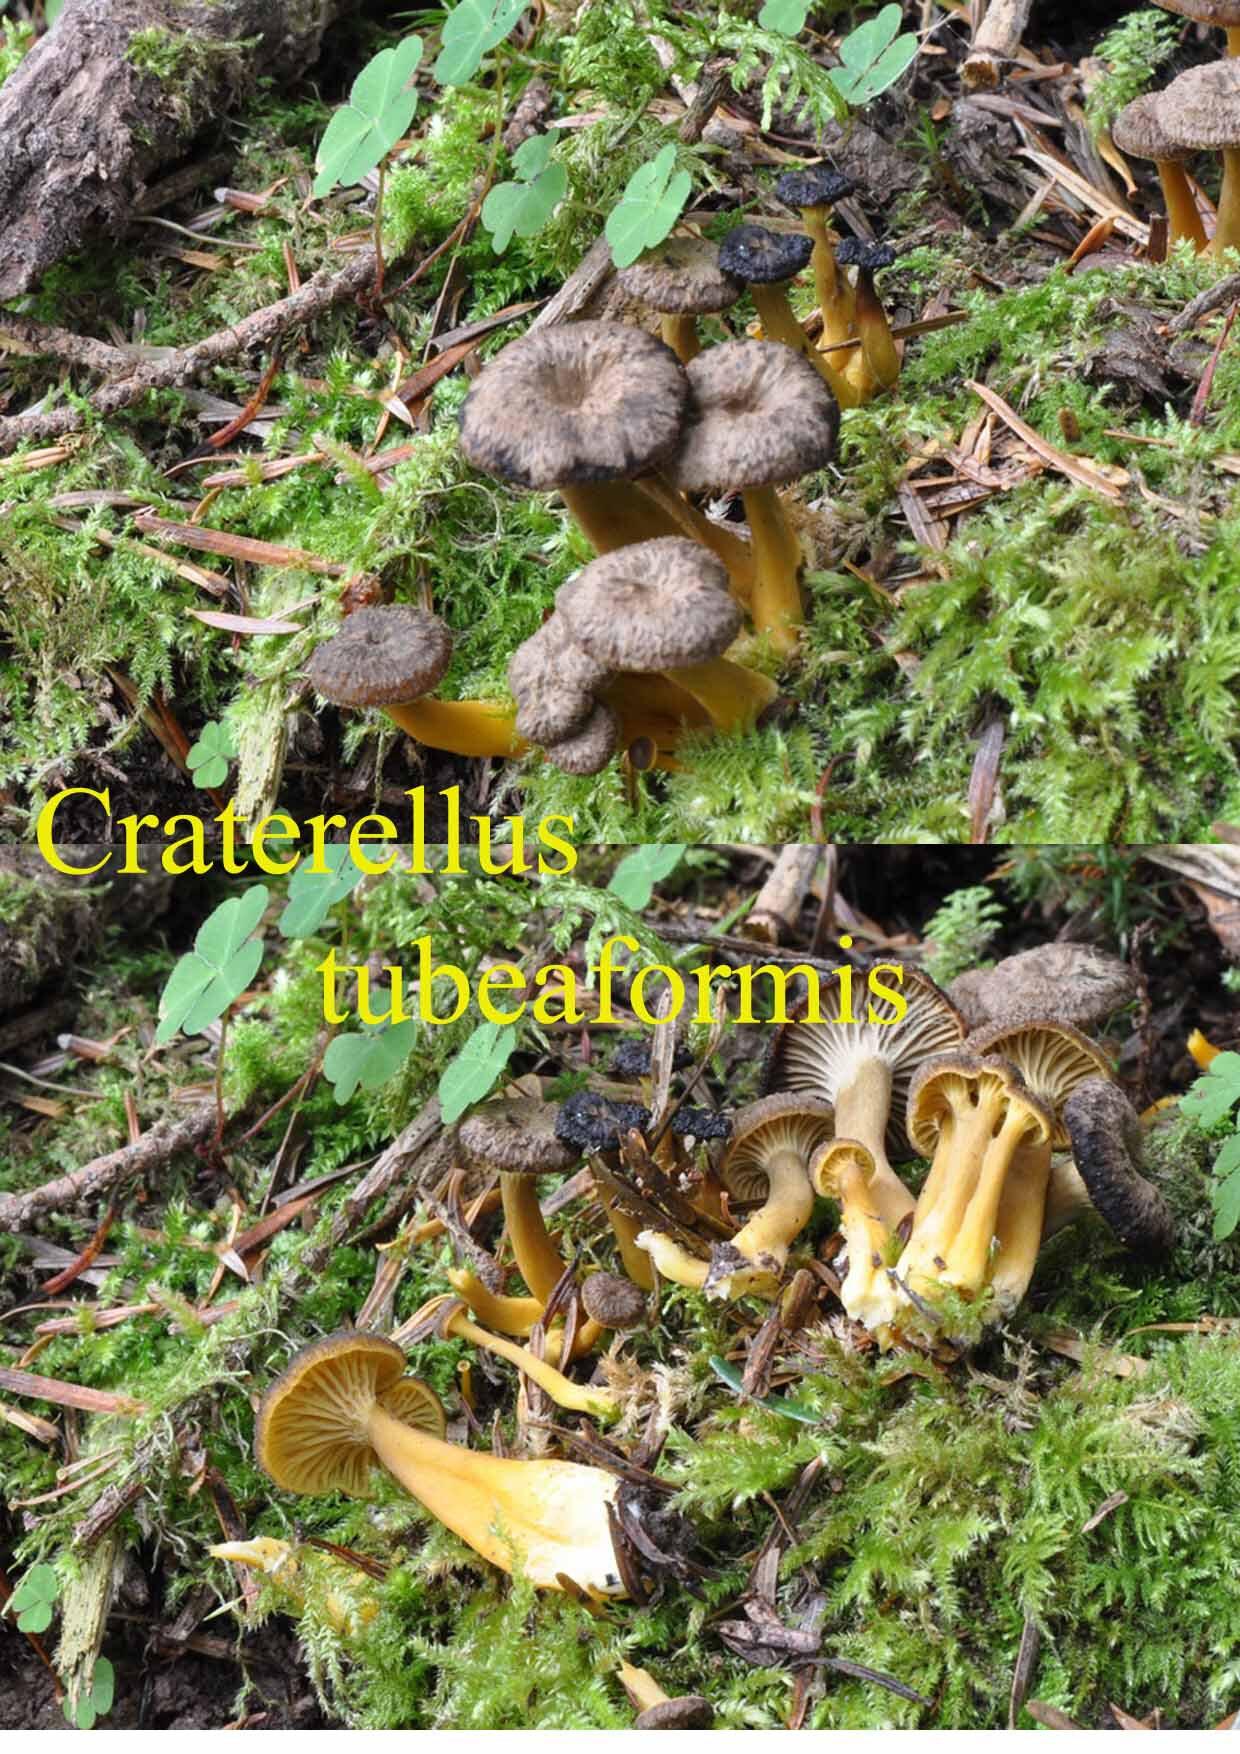 Craterellus tubeaformis